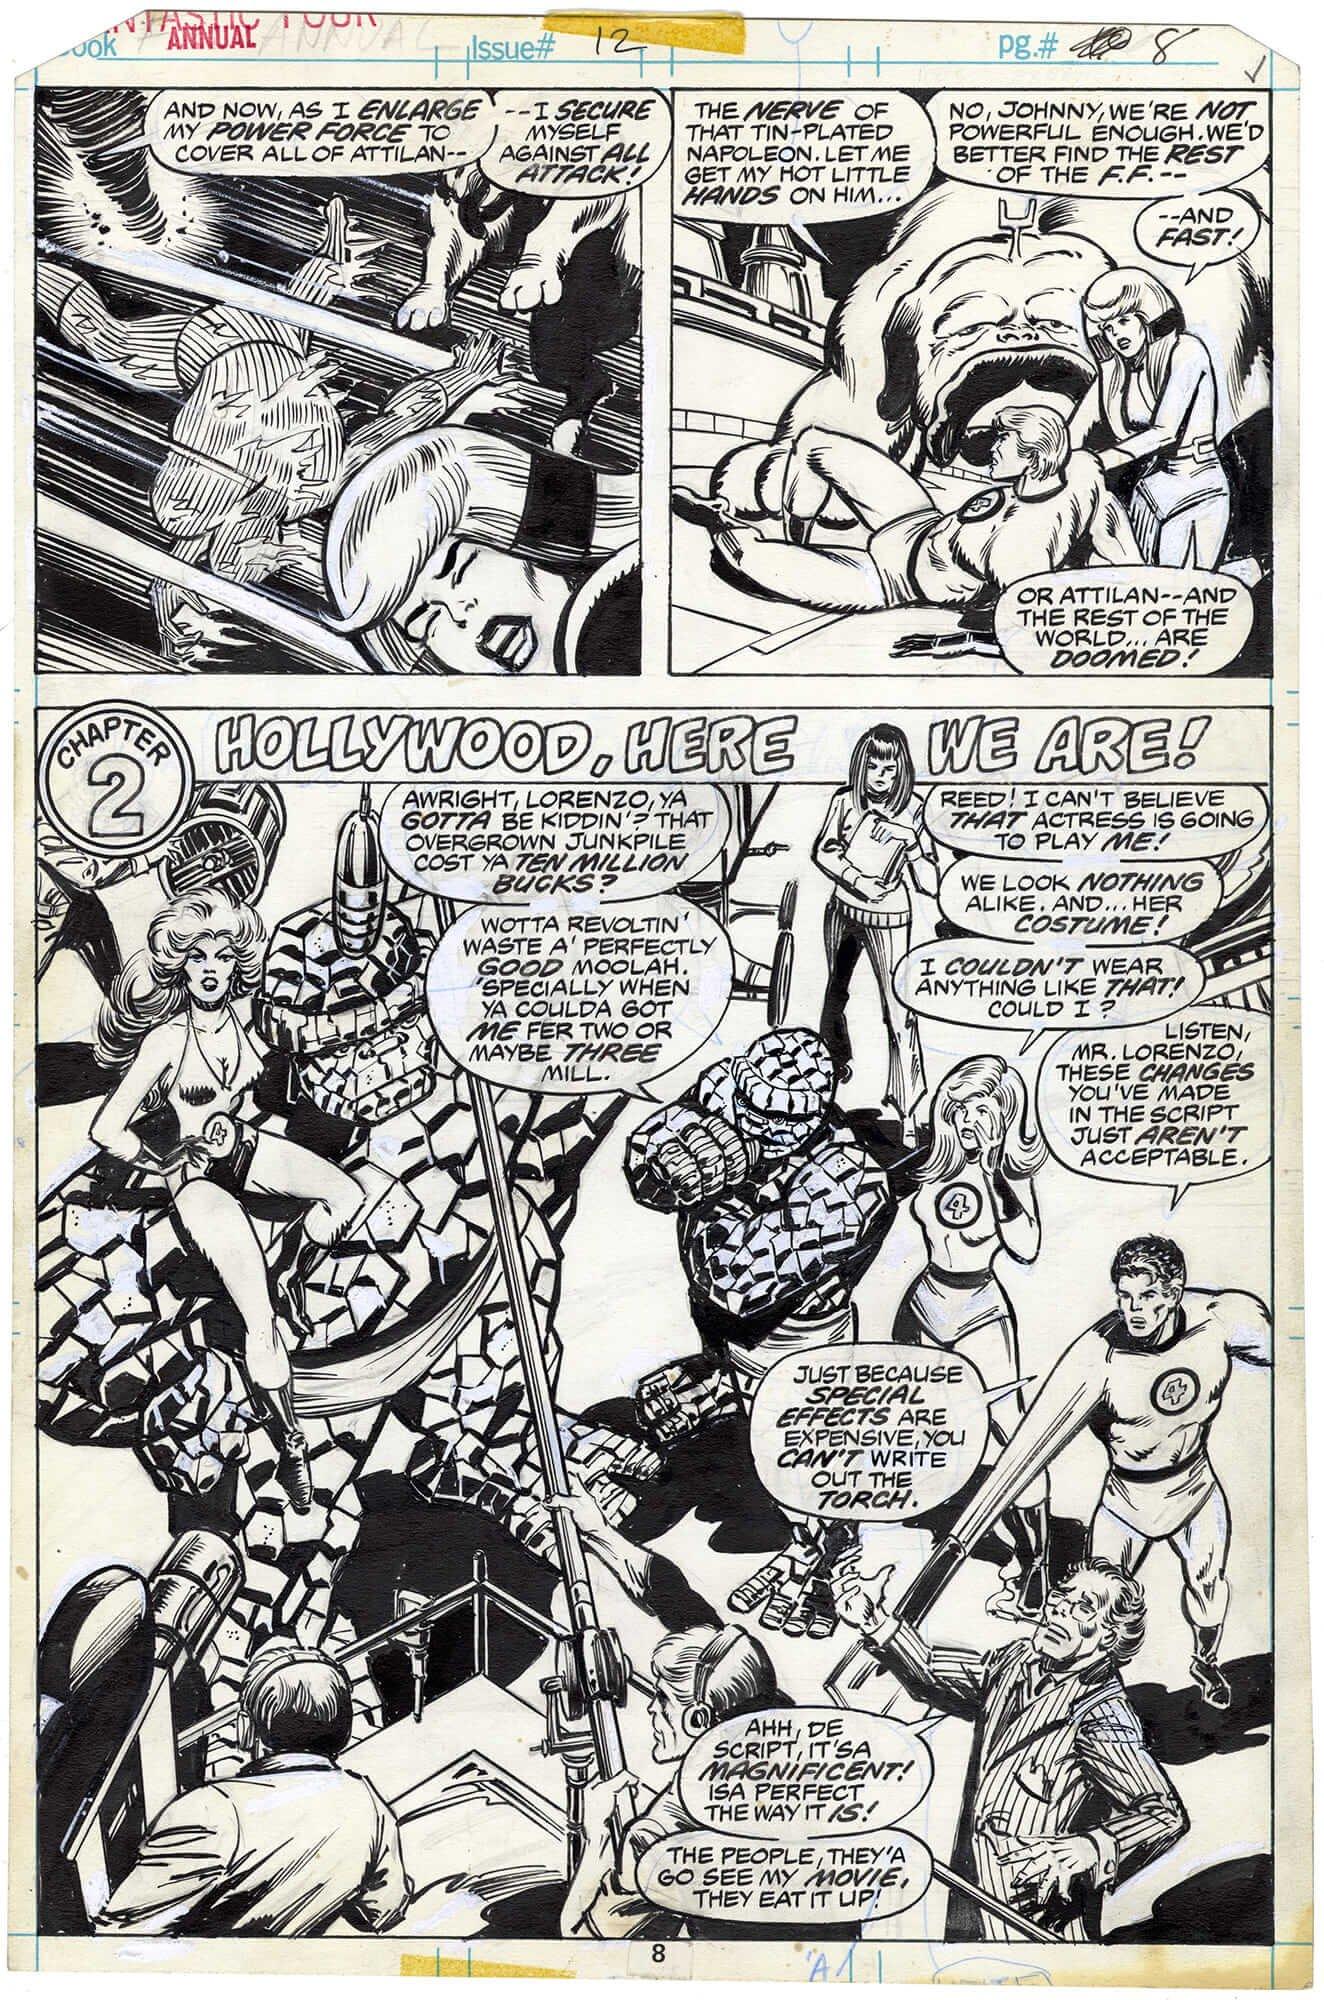 Fantastic Four Annual #12 p8 (⅔ Splash)